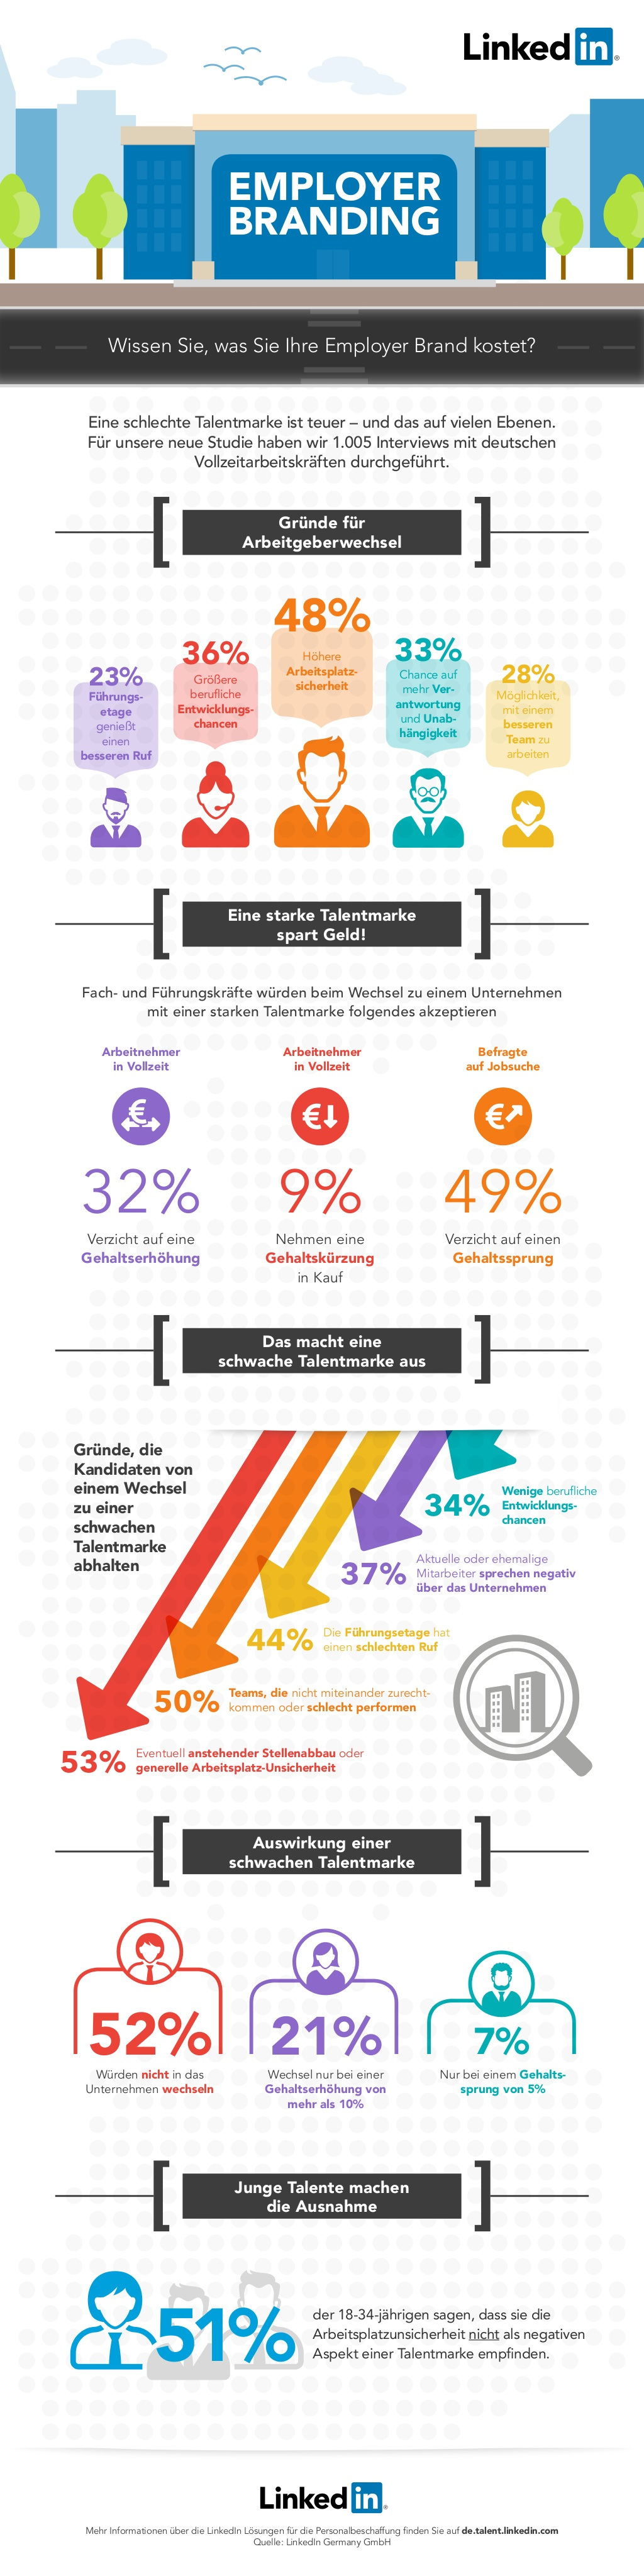 Infografik von LinkedIn zur Studie